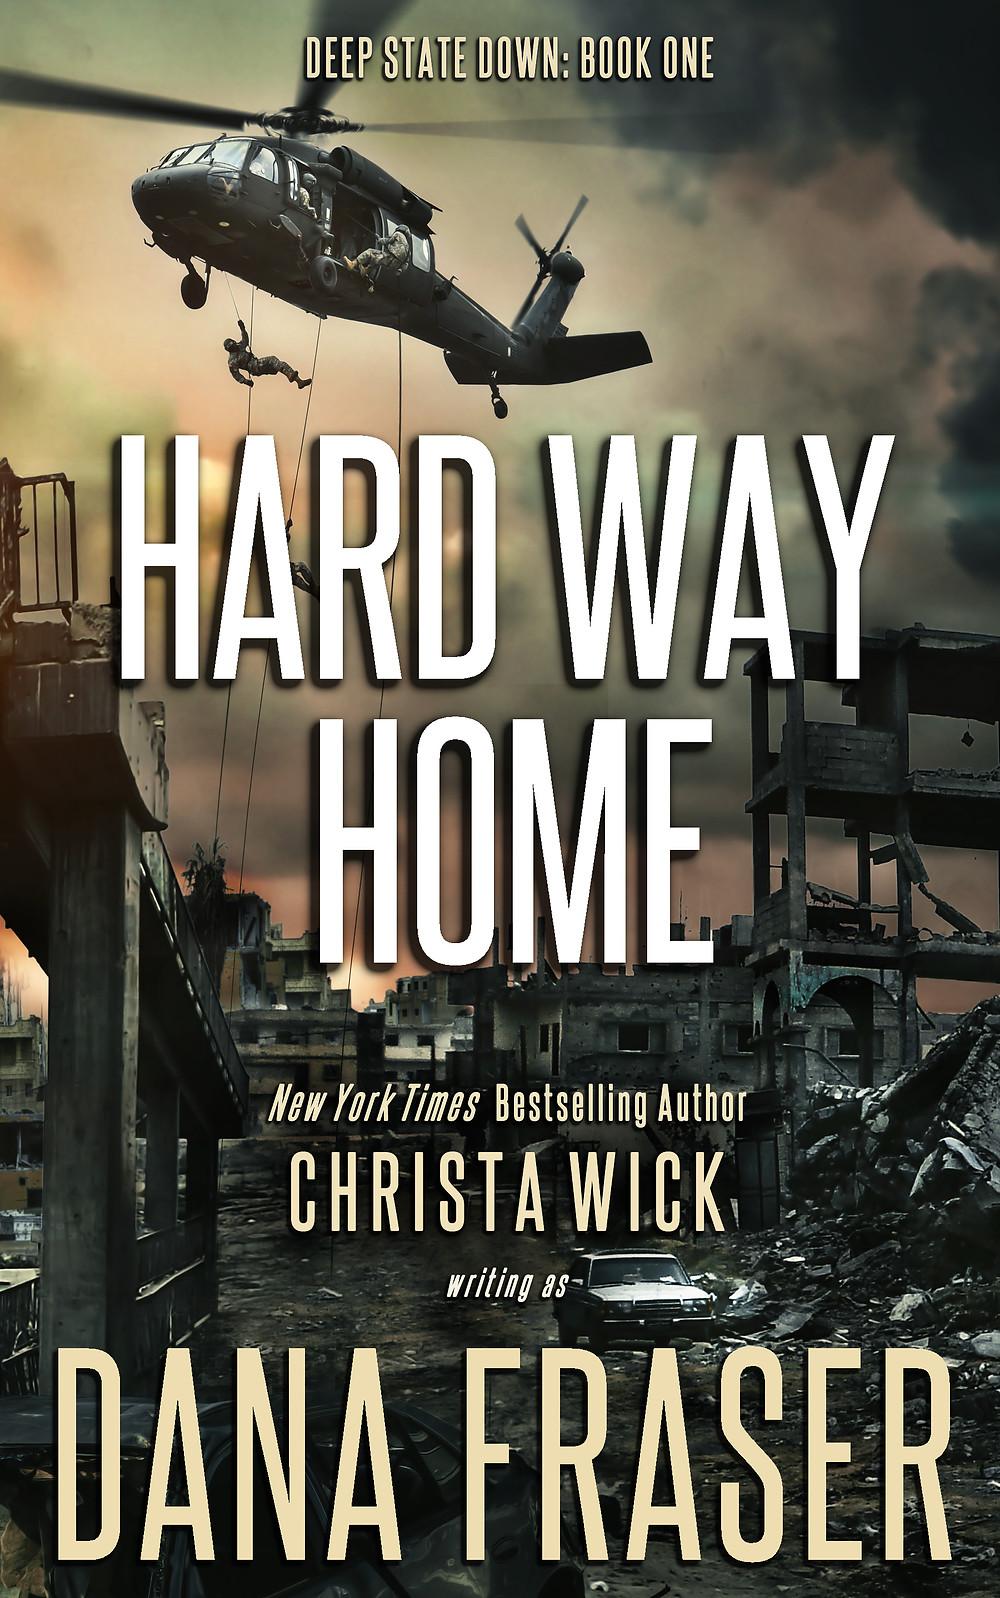 Hard Way Home (Deep State Down #1)